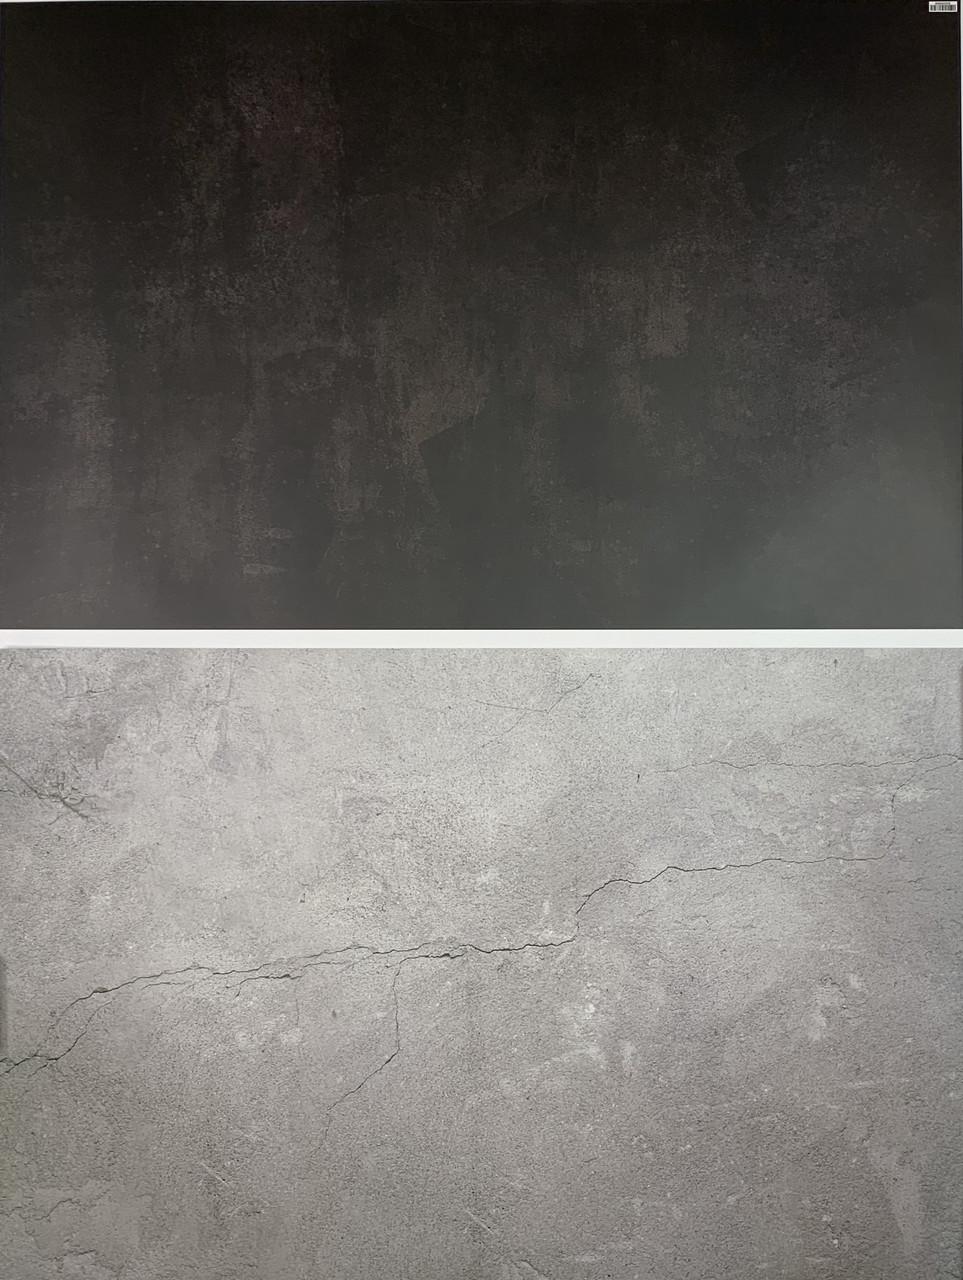 Двухсторонний 3D Виниловый фон для фото. Влагостойкий, анти-блик 57х87 см Студийные фотофоны для предметной